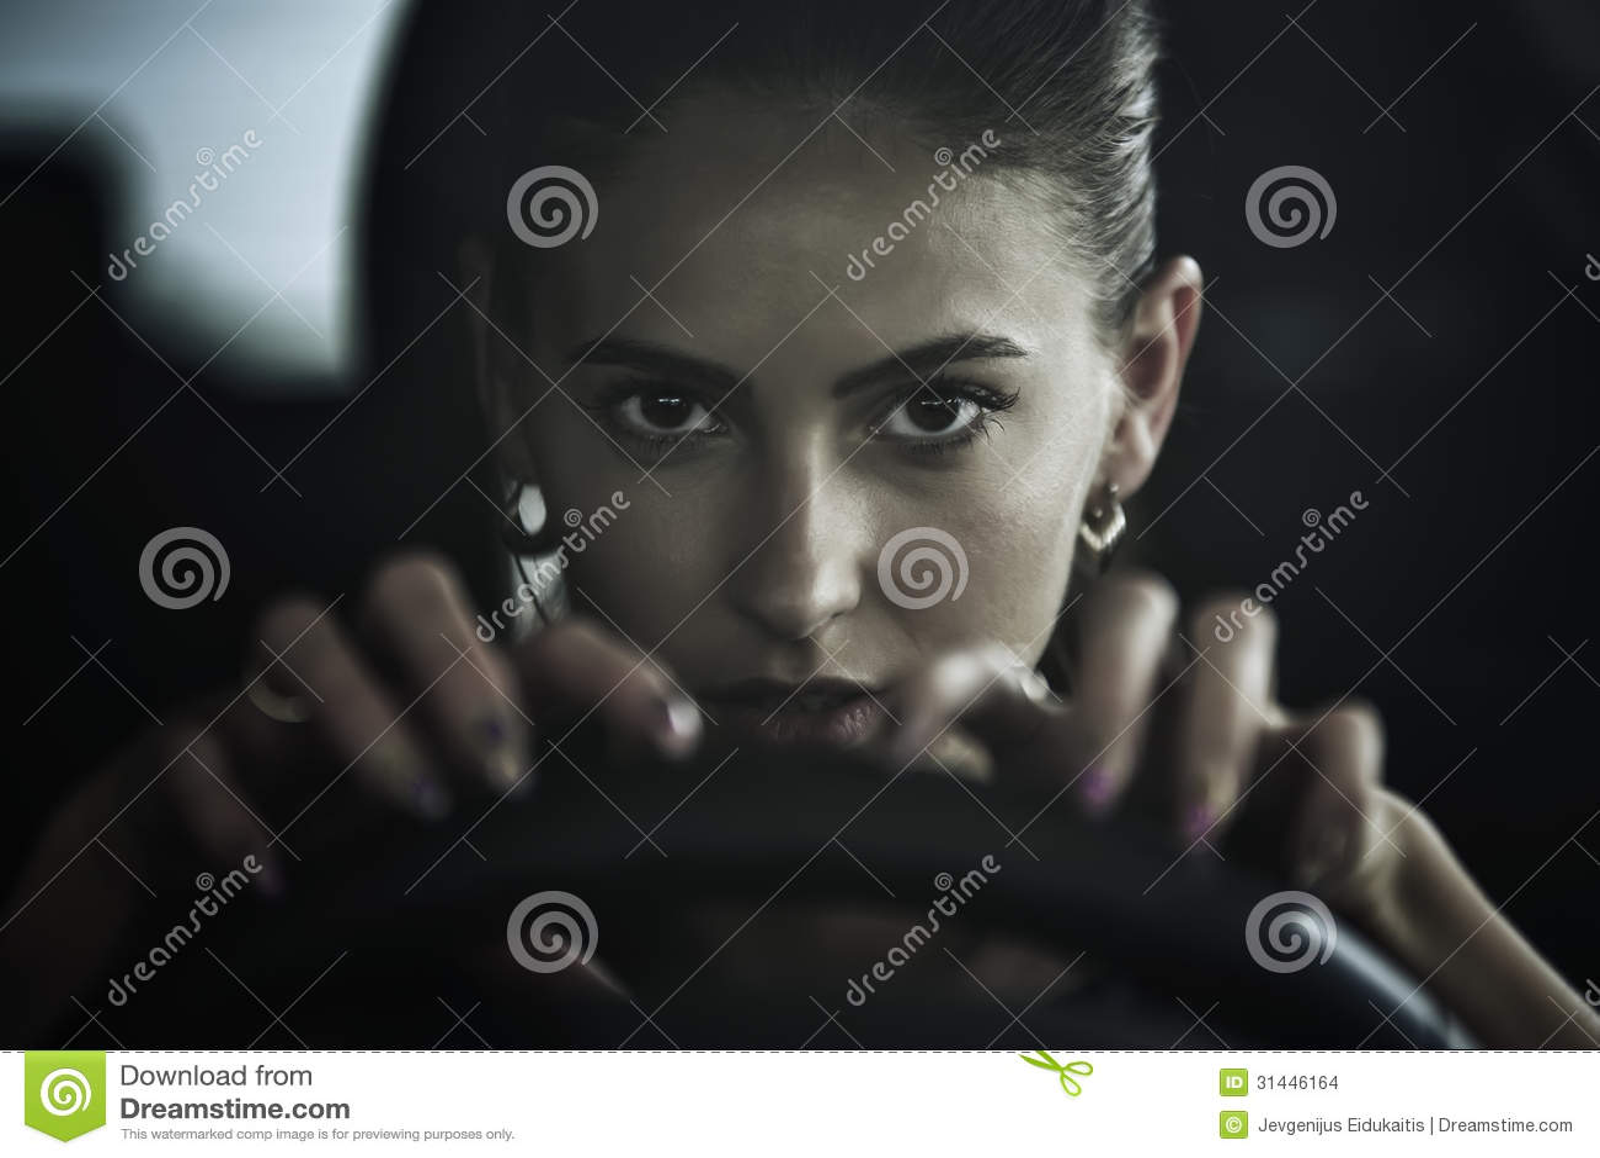 Dangerous beauty woman driving a car, close up portrait